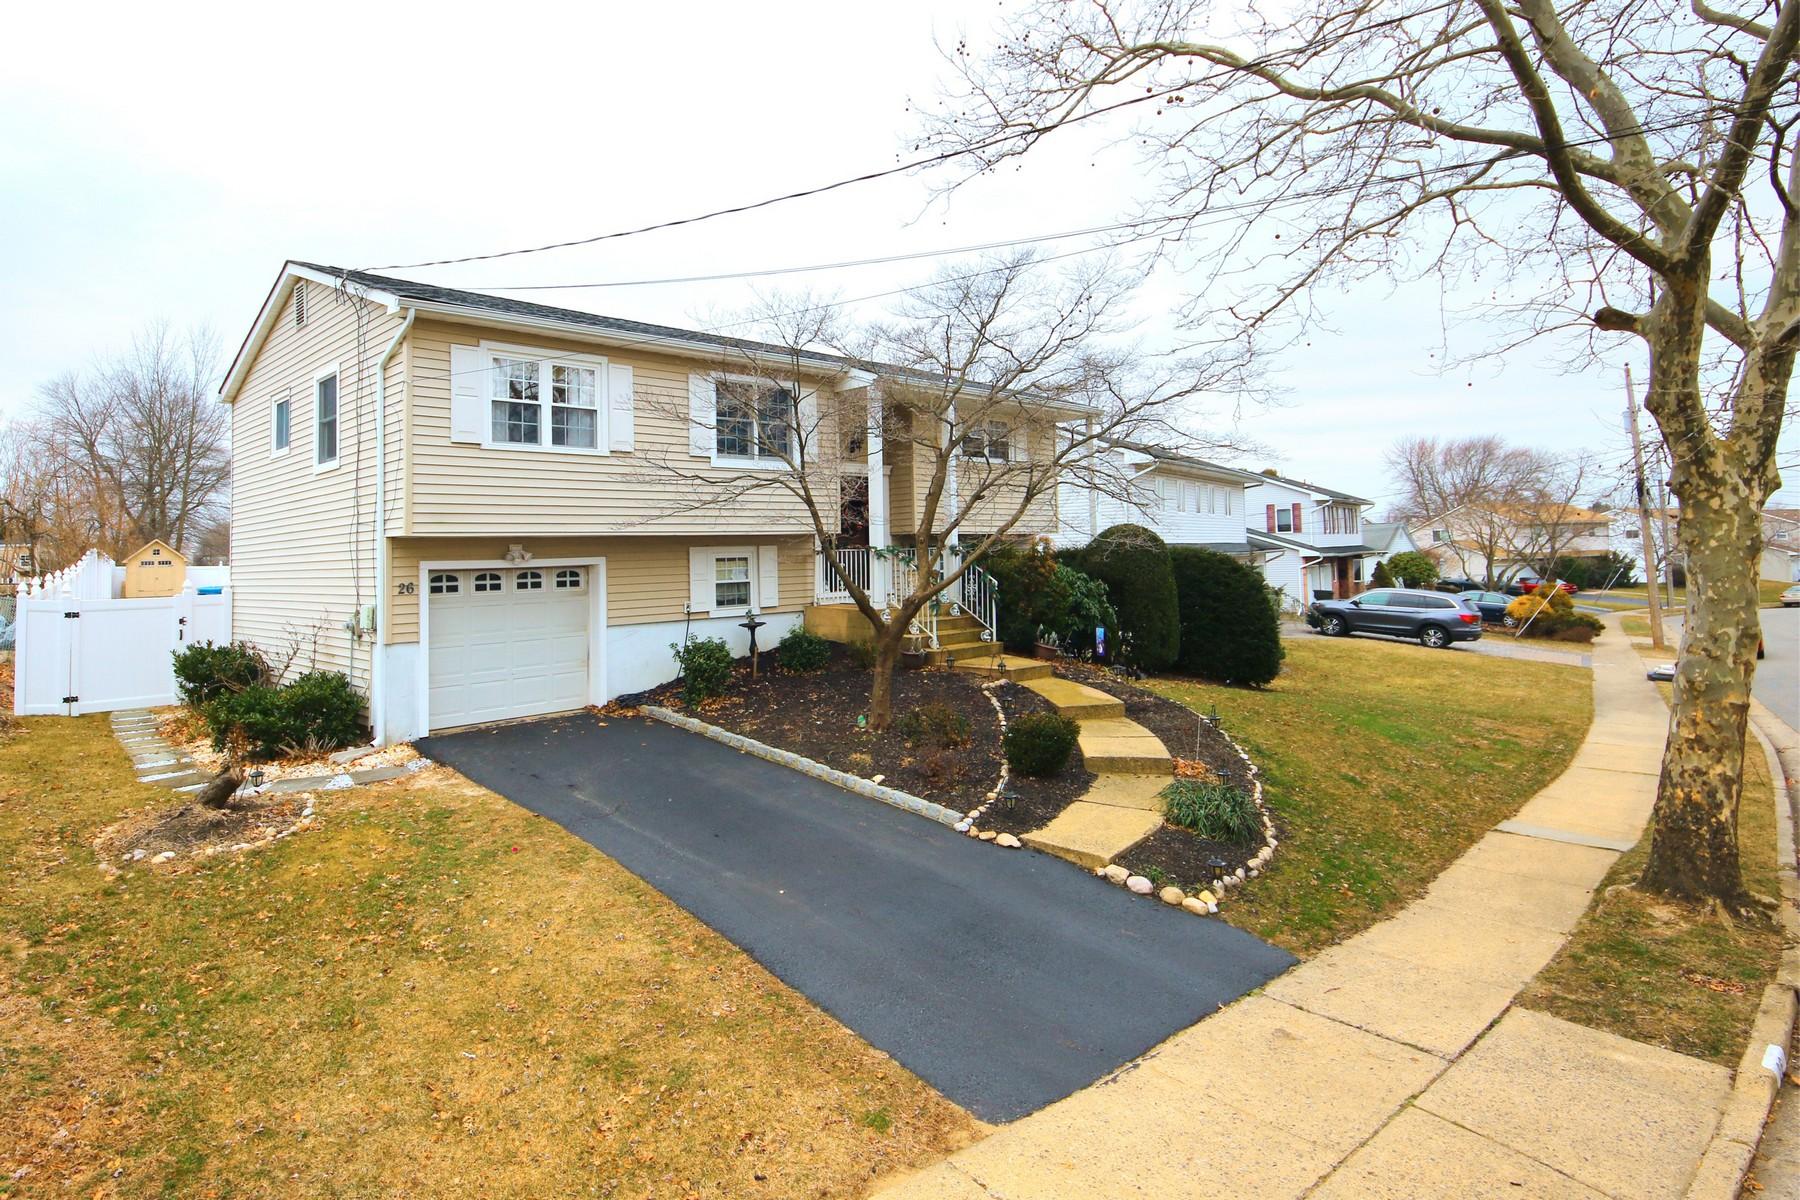 Частный односемейный дом для того Продажа на 26 Tralee Rd, Hazlet 26 Tralee Rd., Hazlet, Нью-Джерси 07730 Соединенные Штаты